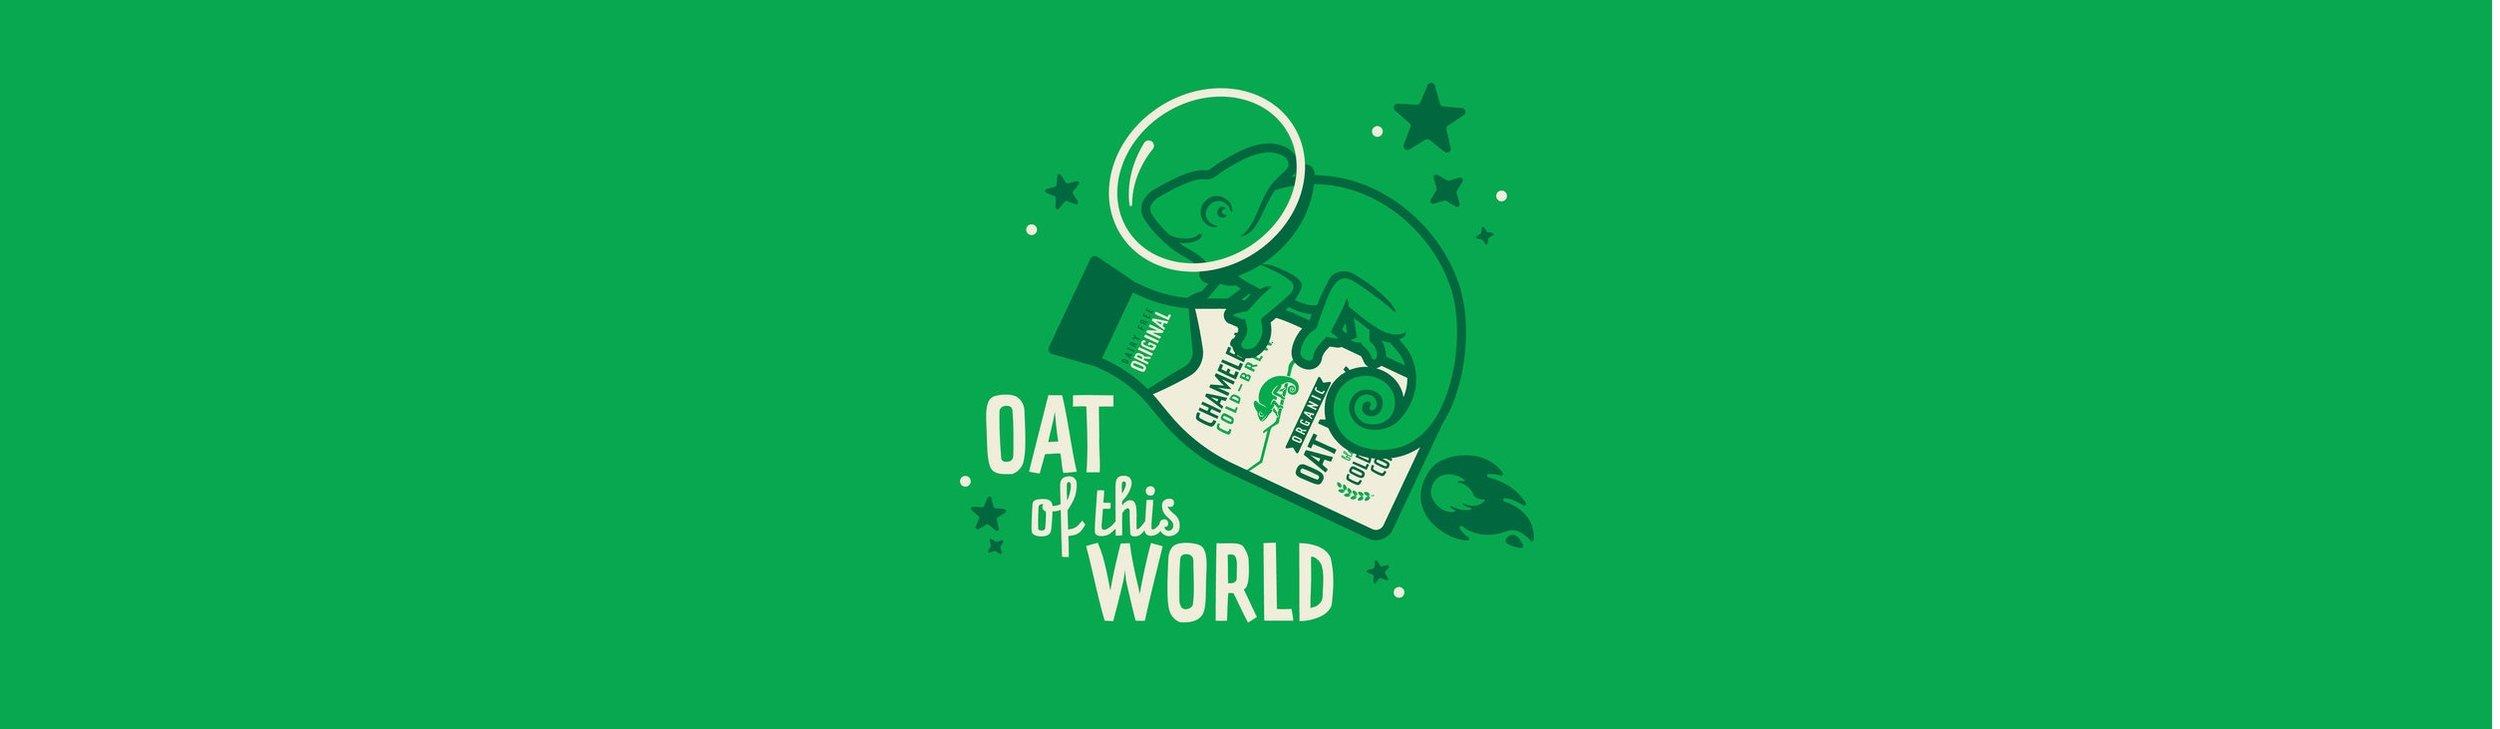 Chameleon_OatMilk_R4-v1_banner-oat-of-this-world.jpg